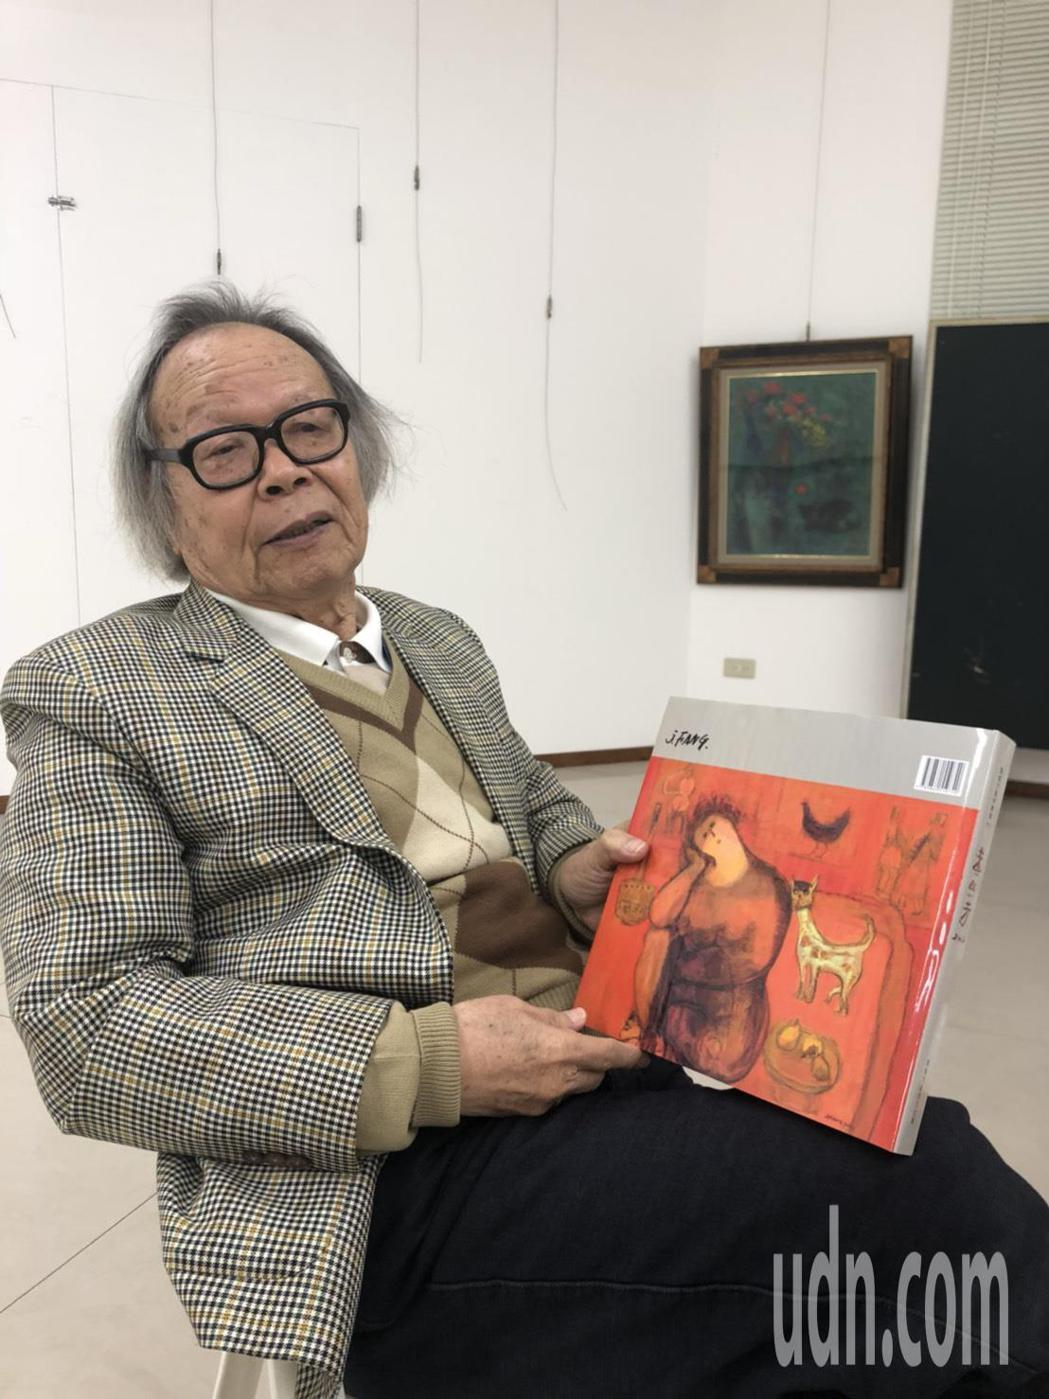 黃照芳老師拿著個展畫冊,訴說人生故事。記者唐秀麗/攝影